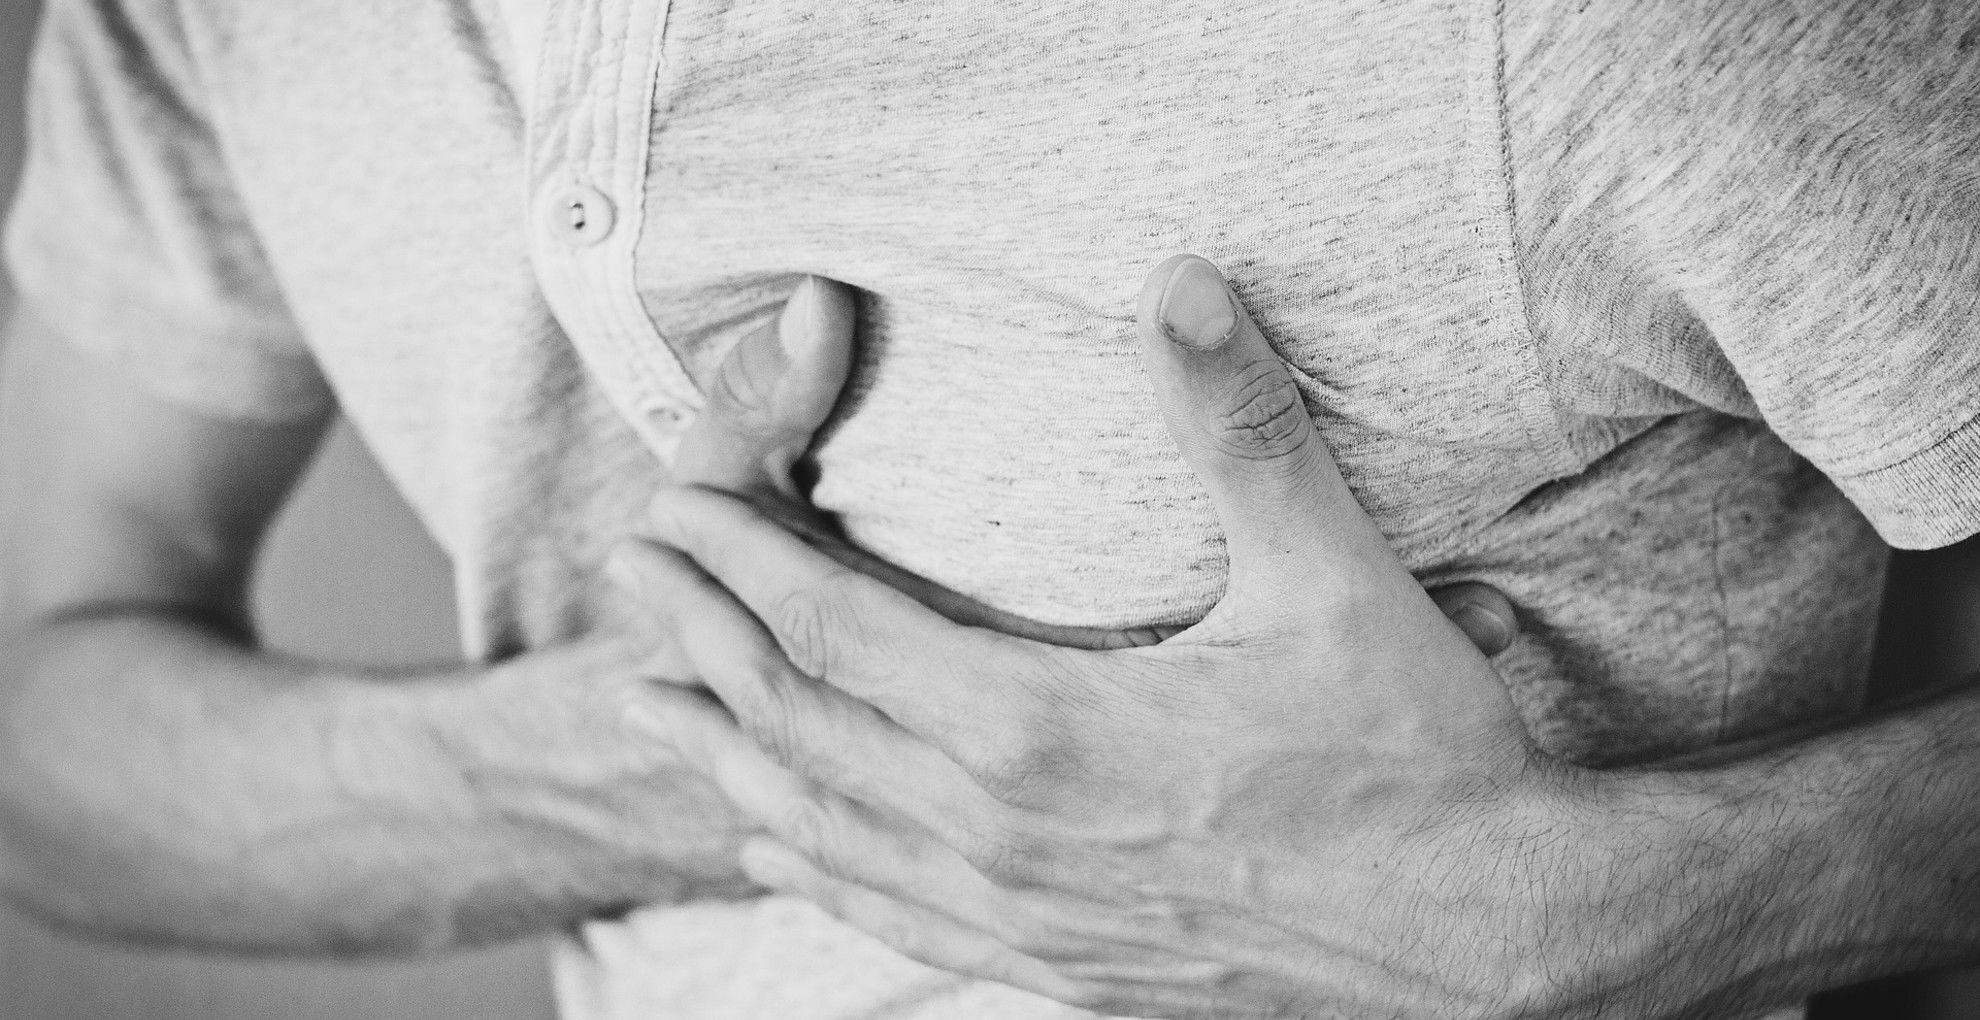 Ingyenes szűrővizsgálaton tudta meg, hogy szívinfarktusa van.